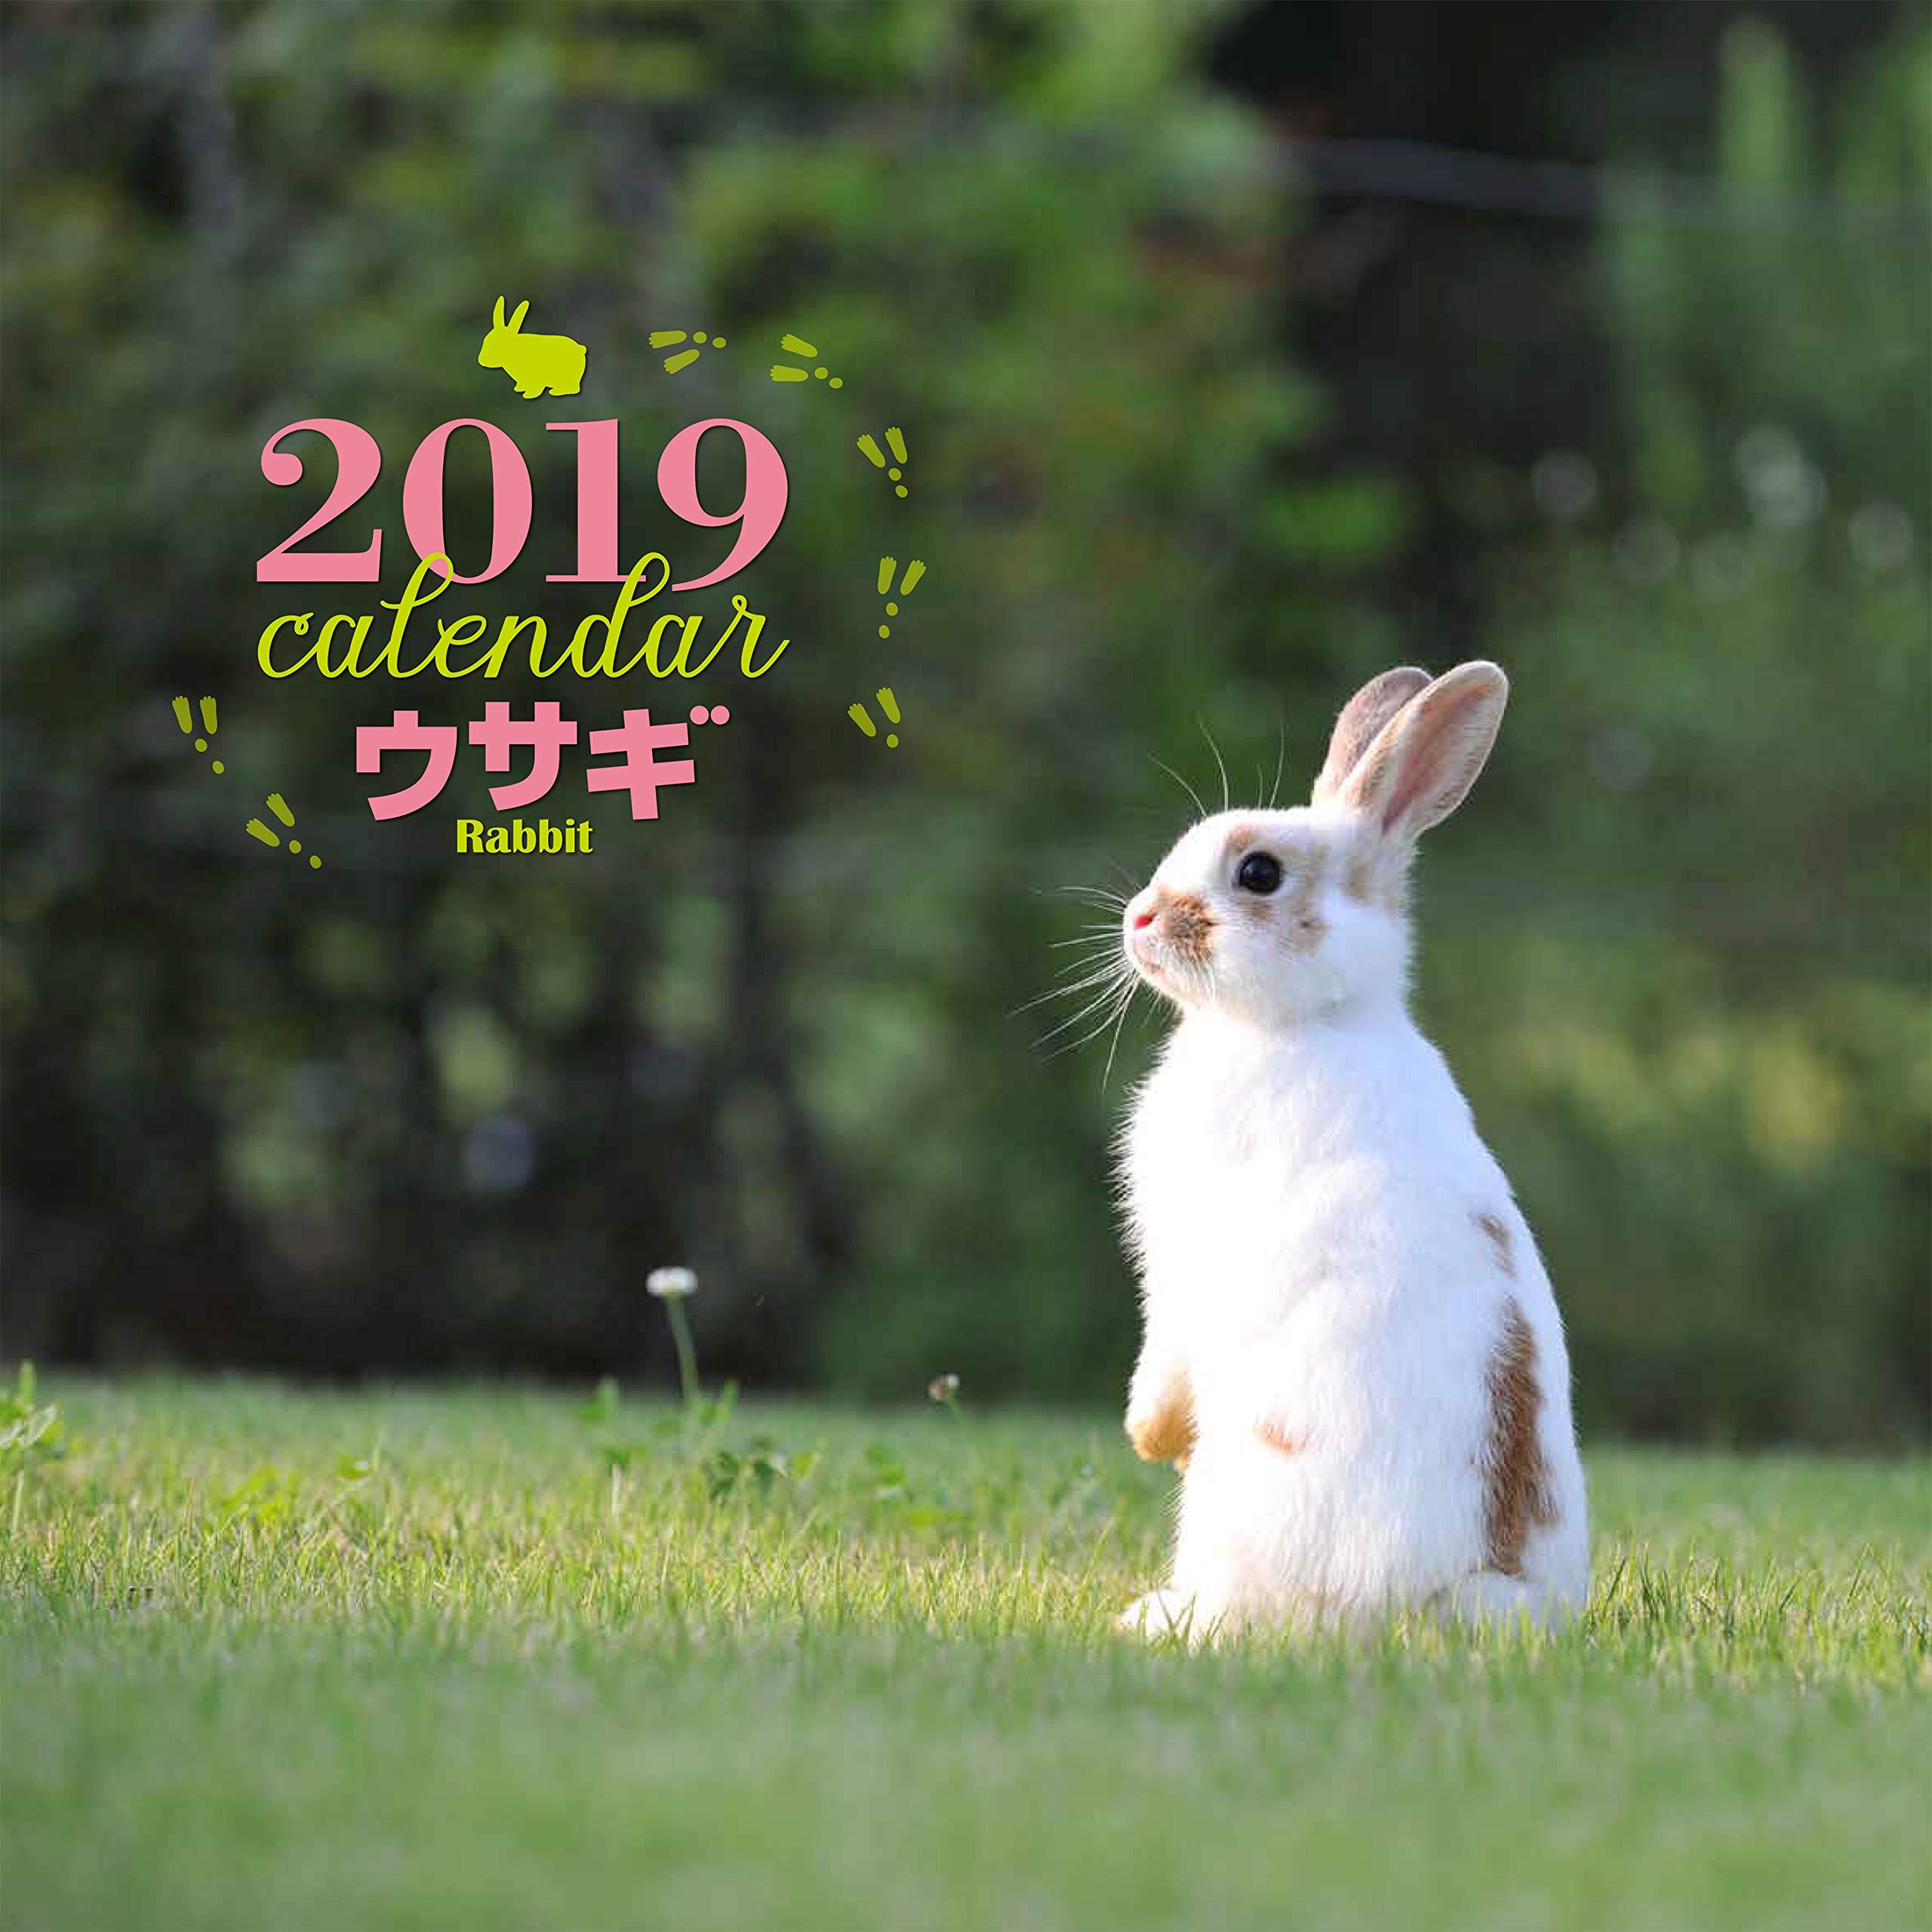 2019 ウサギ カレンダー 大判 写真 井川俊彦画像